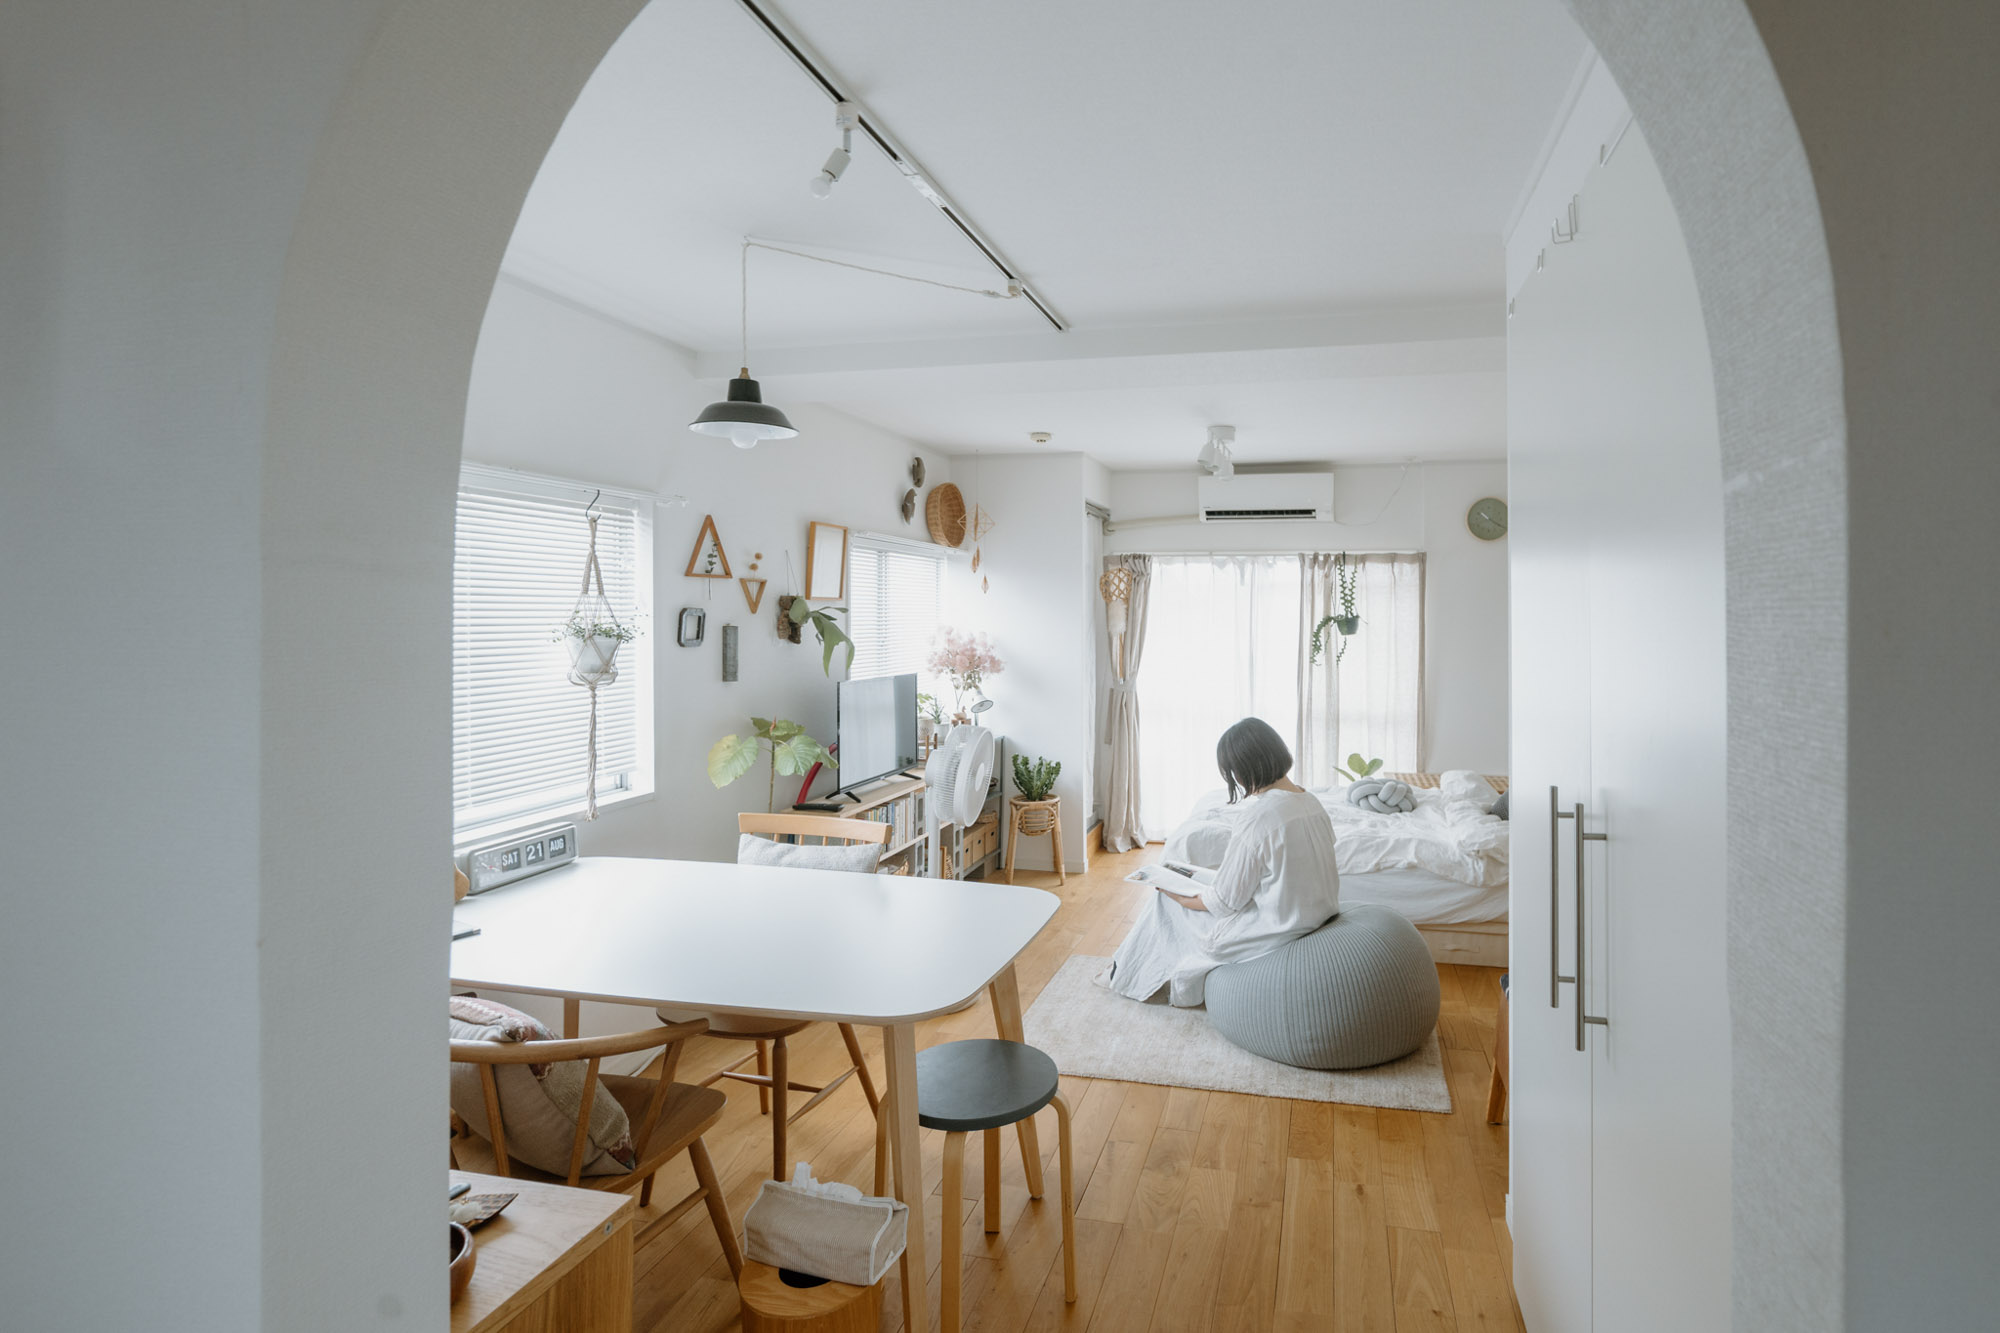 間取りは、キッチンと居室とを仕切るアーチの入口がかわいい31㎡のワンルーム。